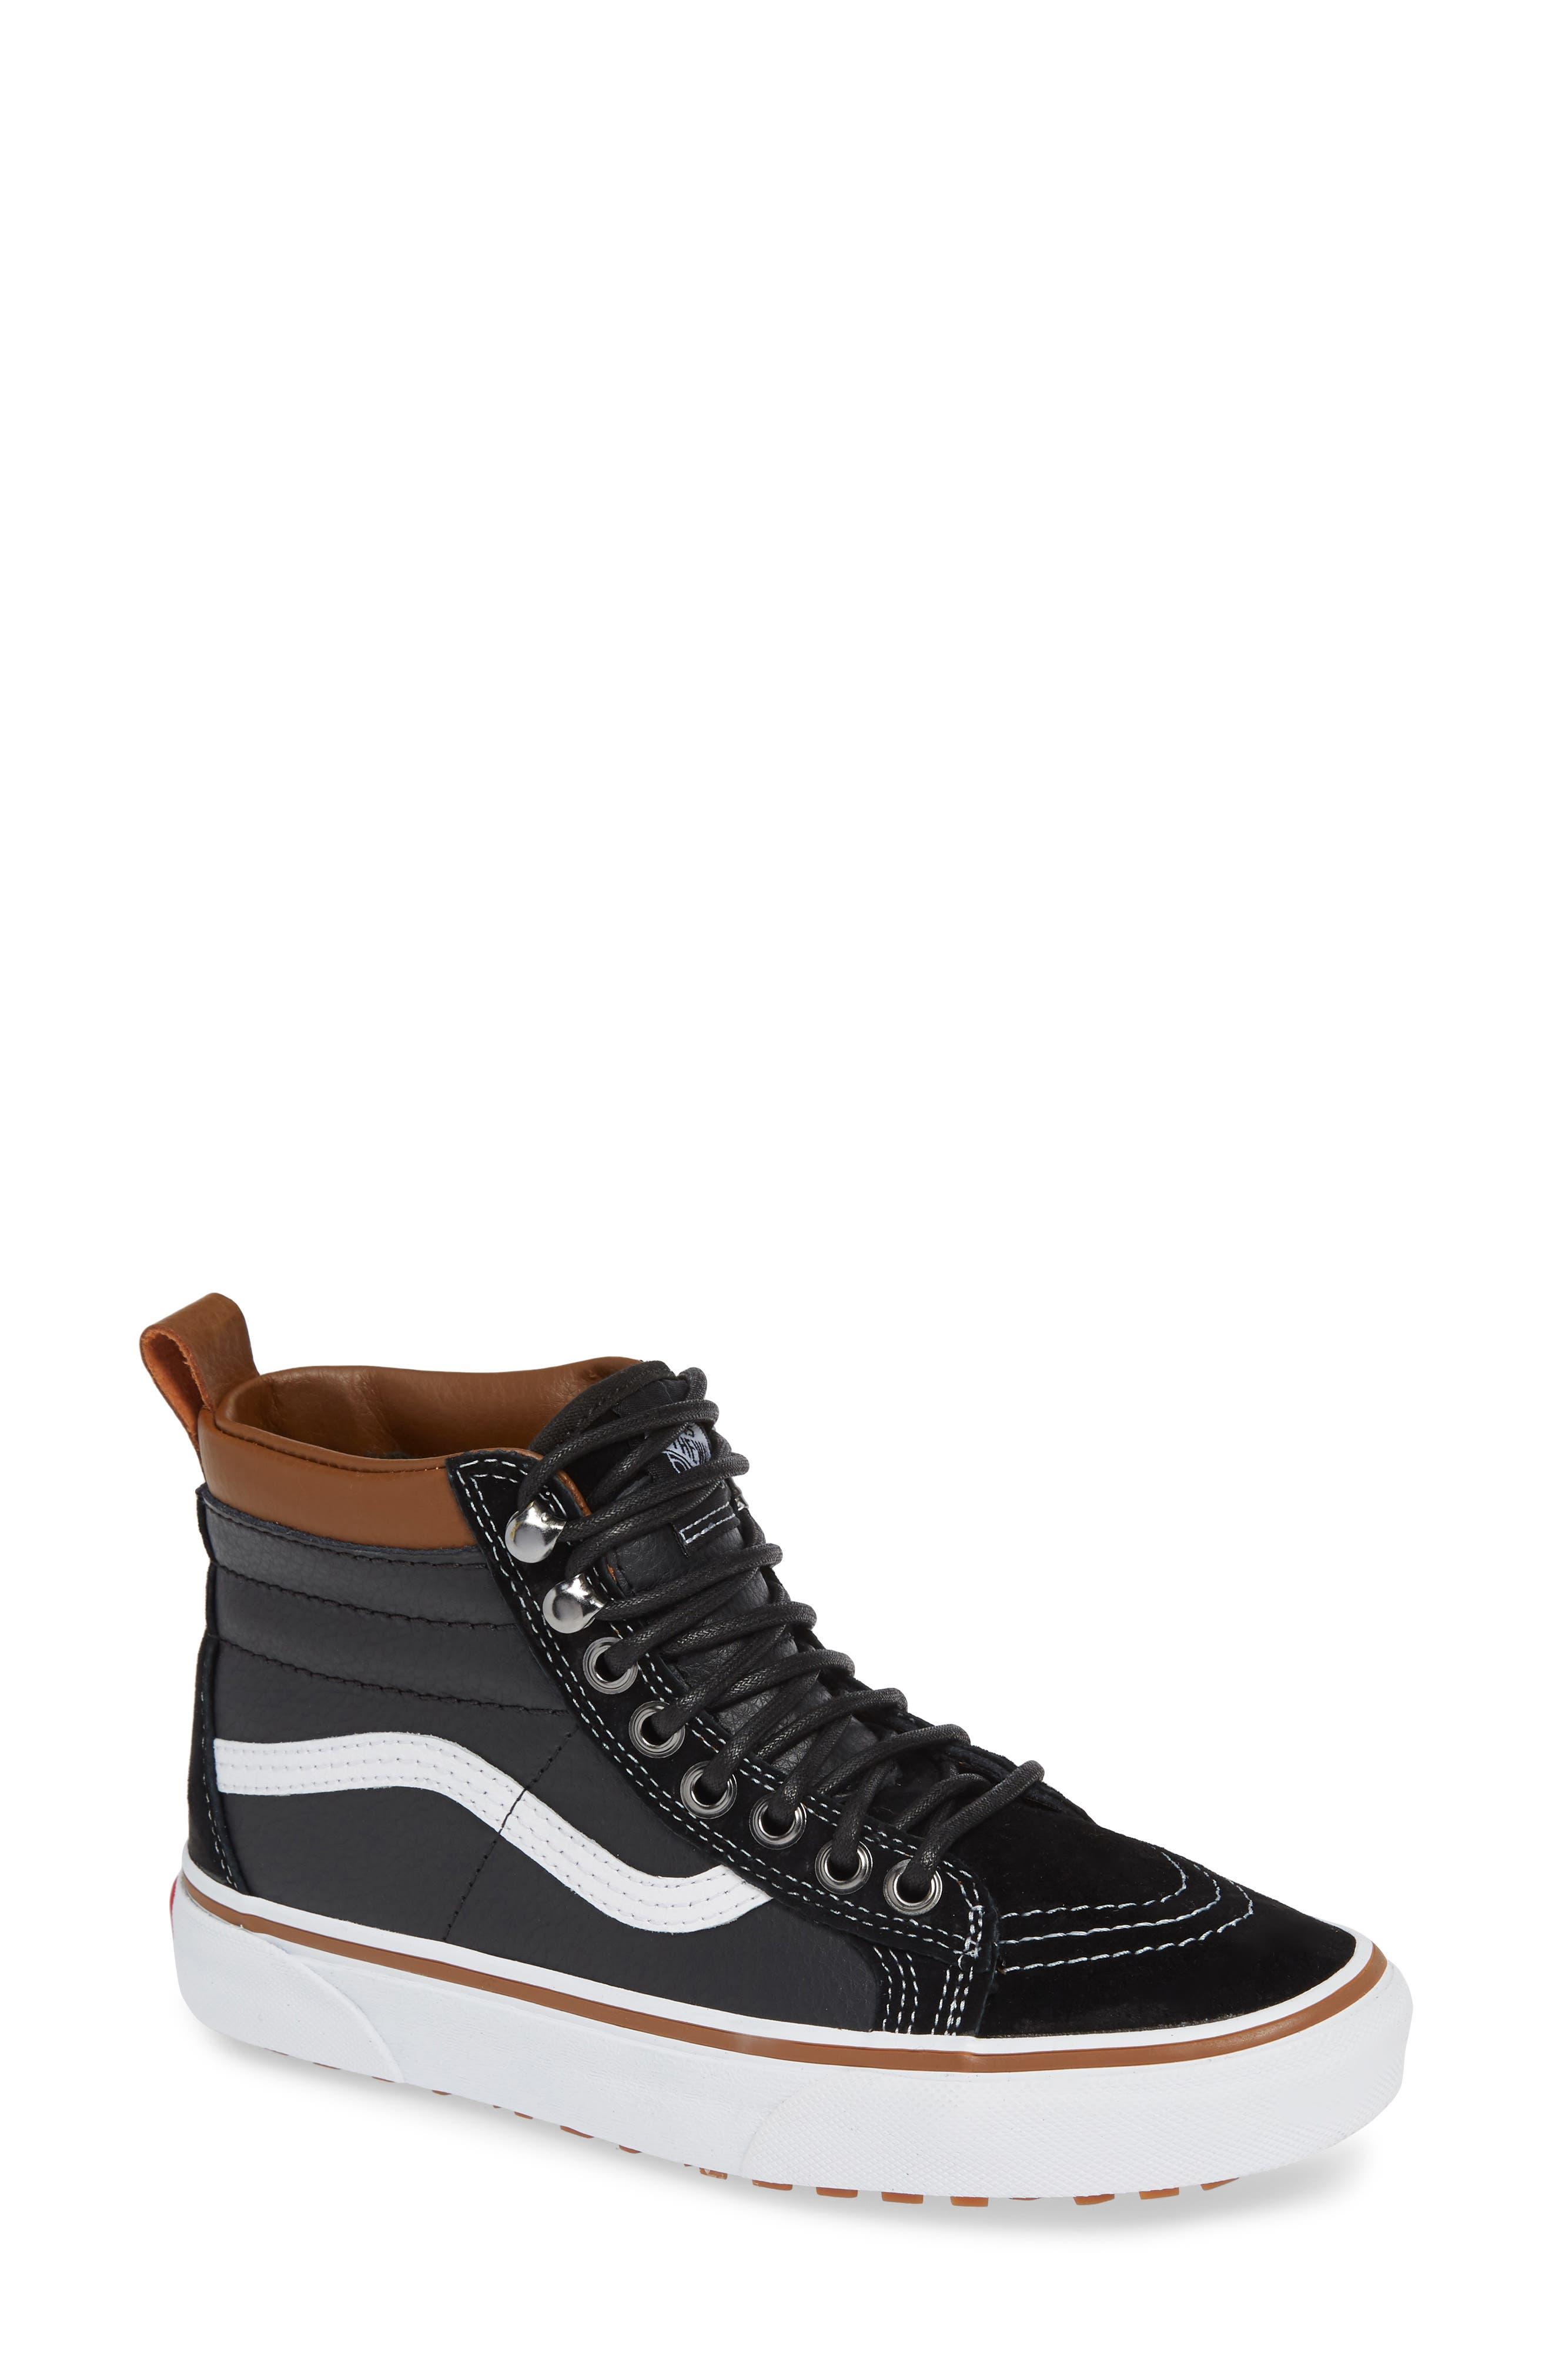 Sk-8 Hi MTE Sneaker,                             Main thumbnail 1, color,                             LEATHER/ BLACK/ TRUE WHITE